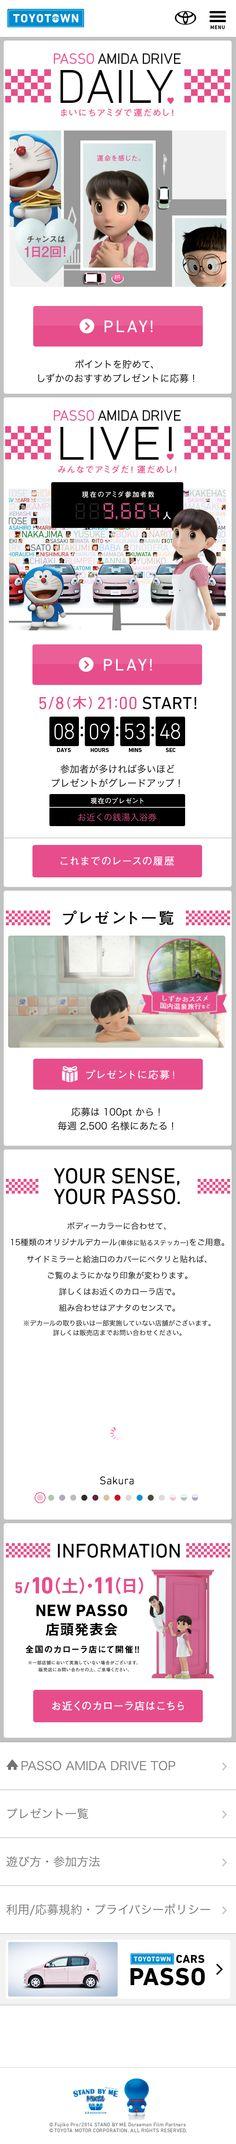 http://www.toyotown.jp/amida-drive/